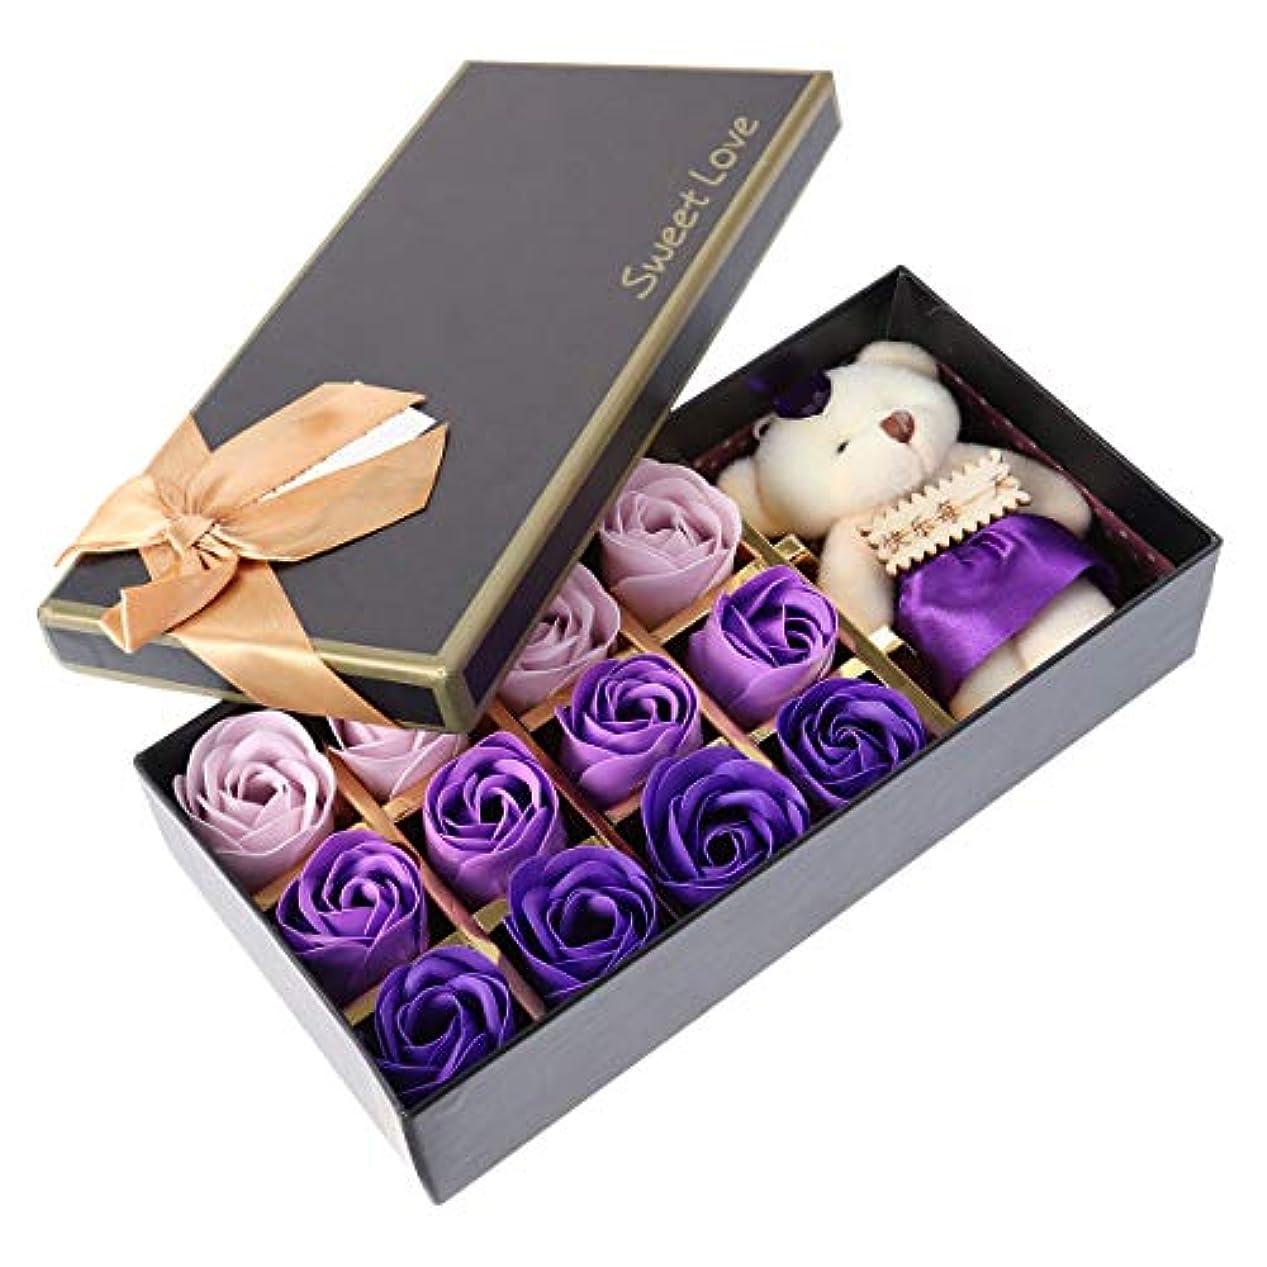 貧困高尚な解釈するBeaupretty バレンタインデーの結婚式の誕生日プレゼントのための小さなクマとバラの石鹸の花